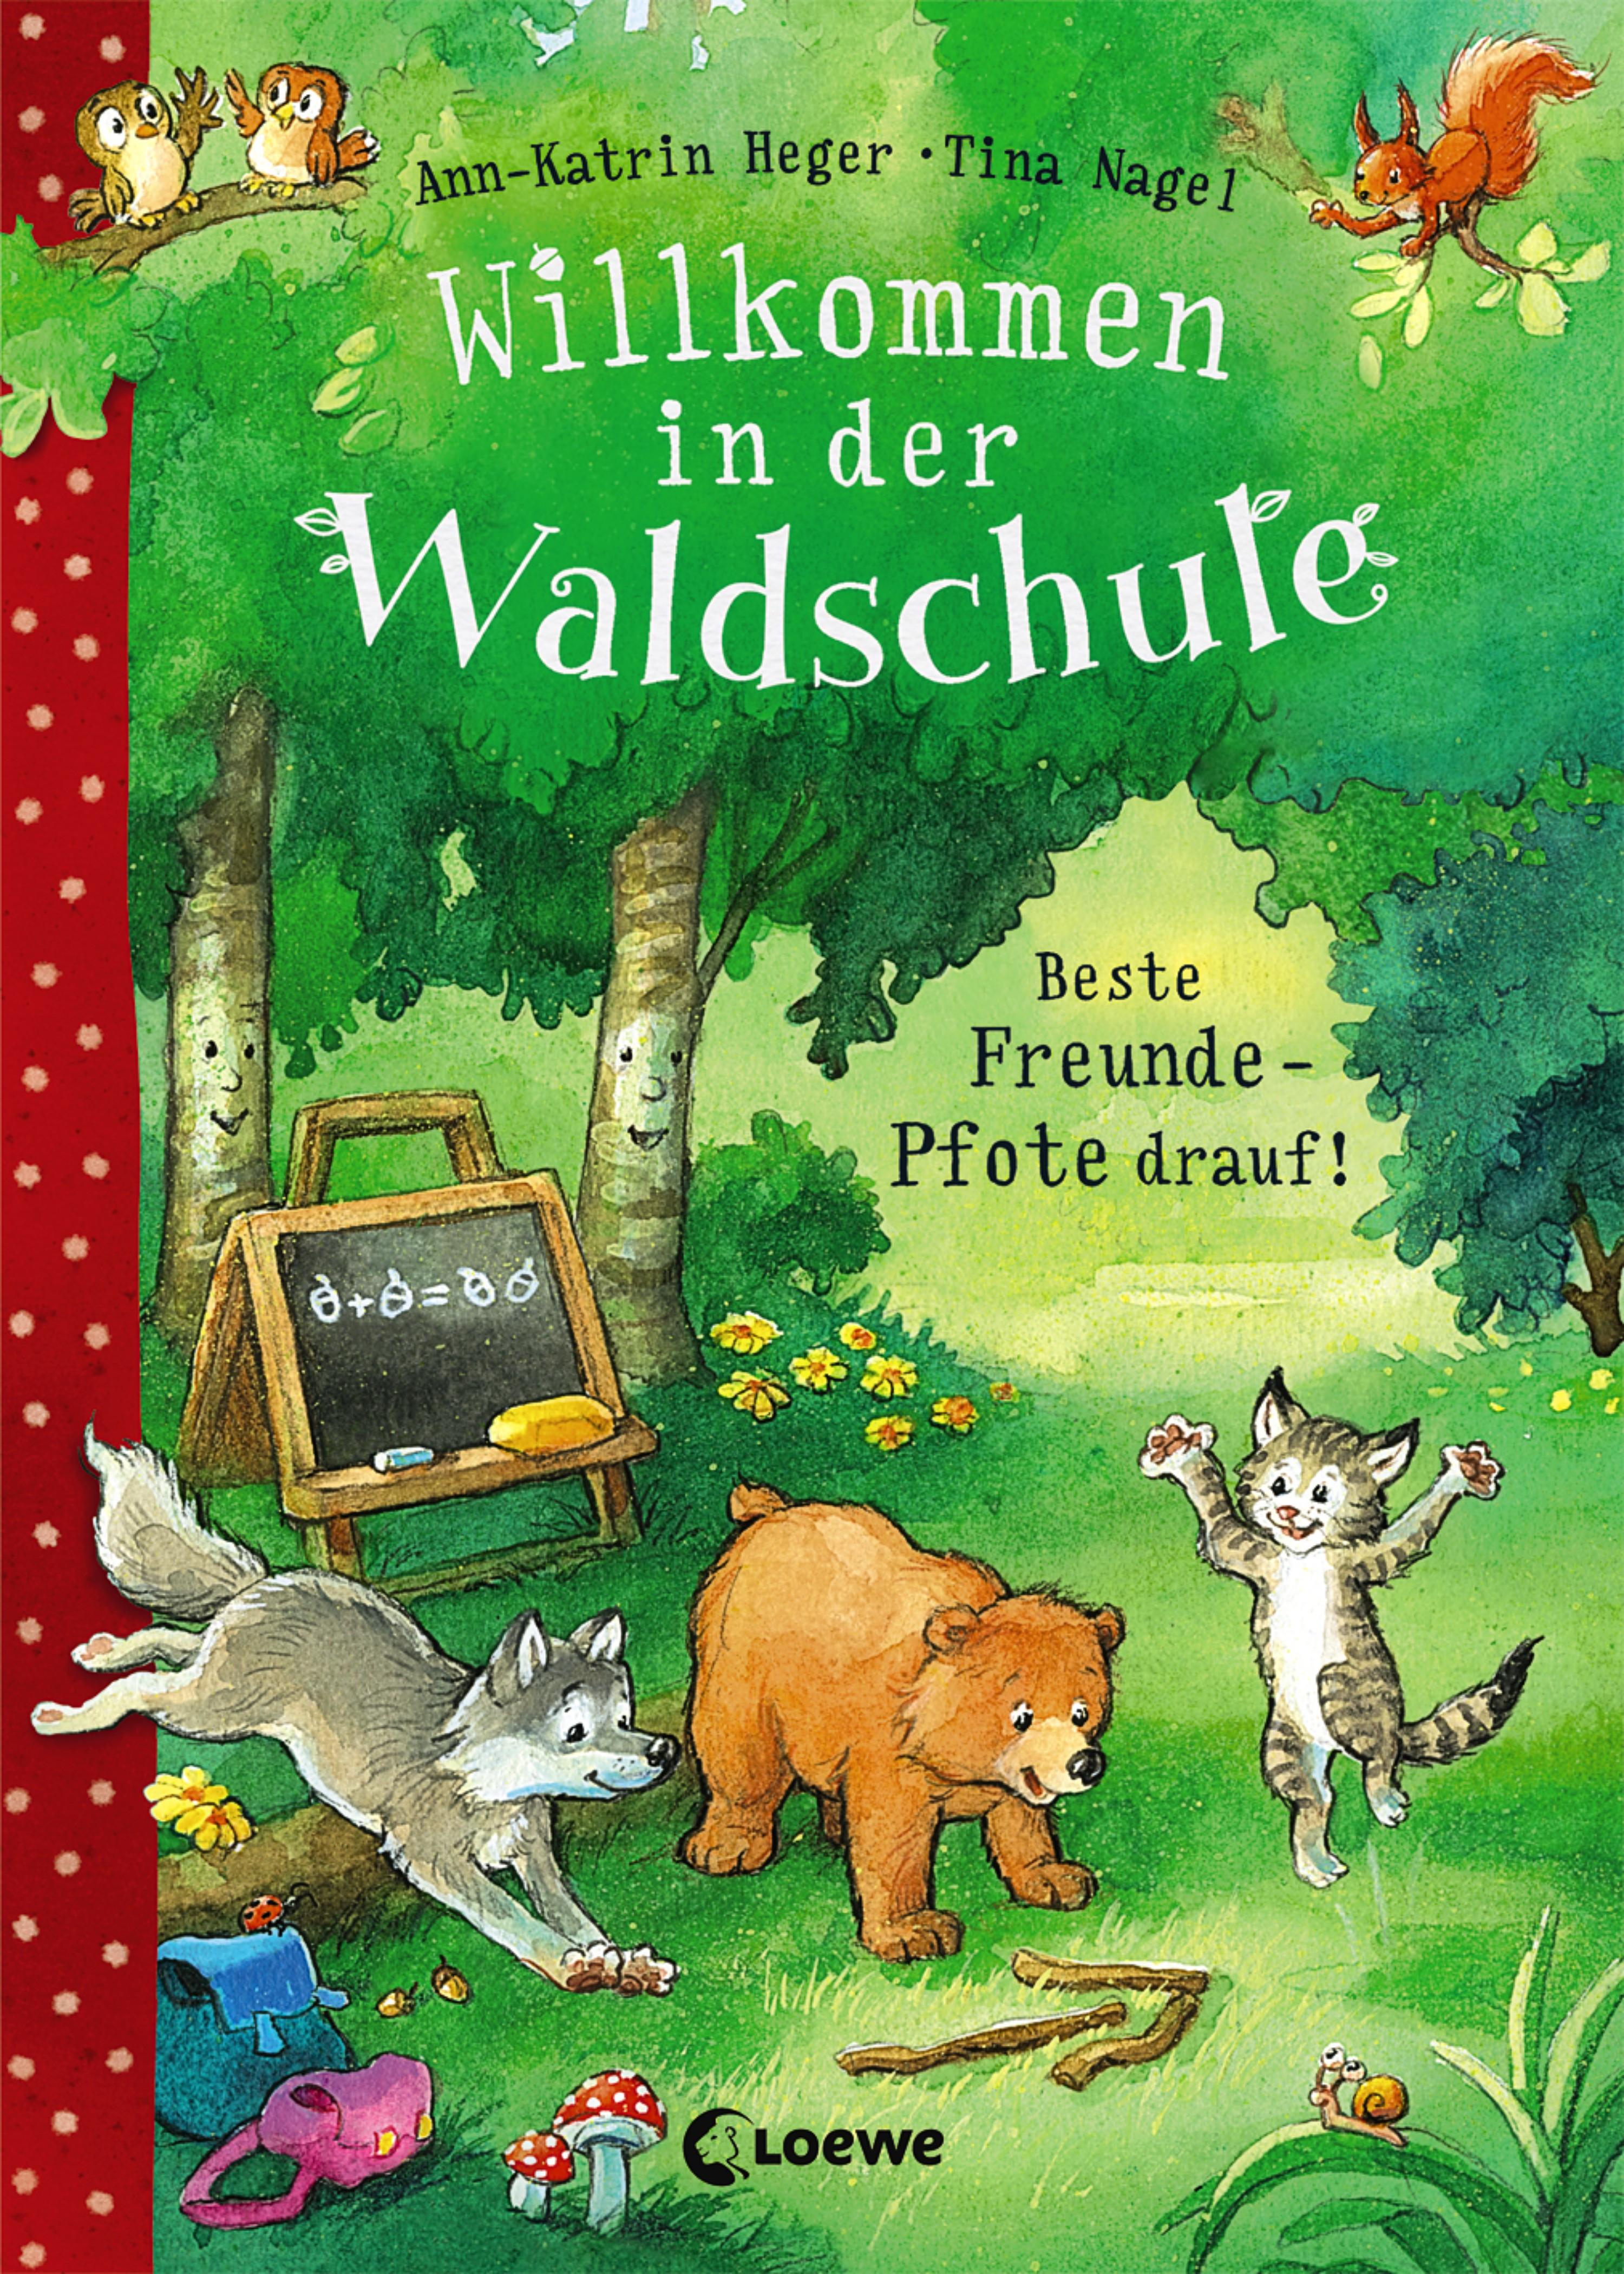 Ann-Katrin Heger Willkommen in der Waldschule 1 - Beste Freunde - Pfote drauf!